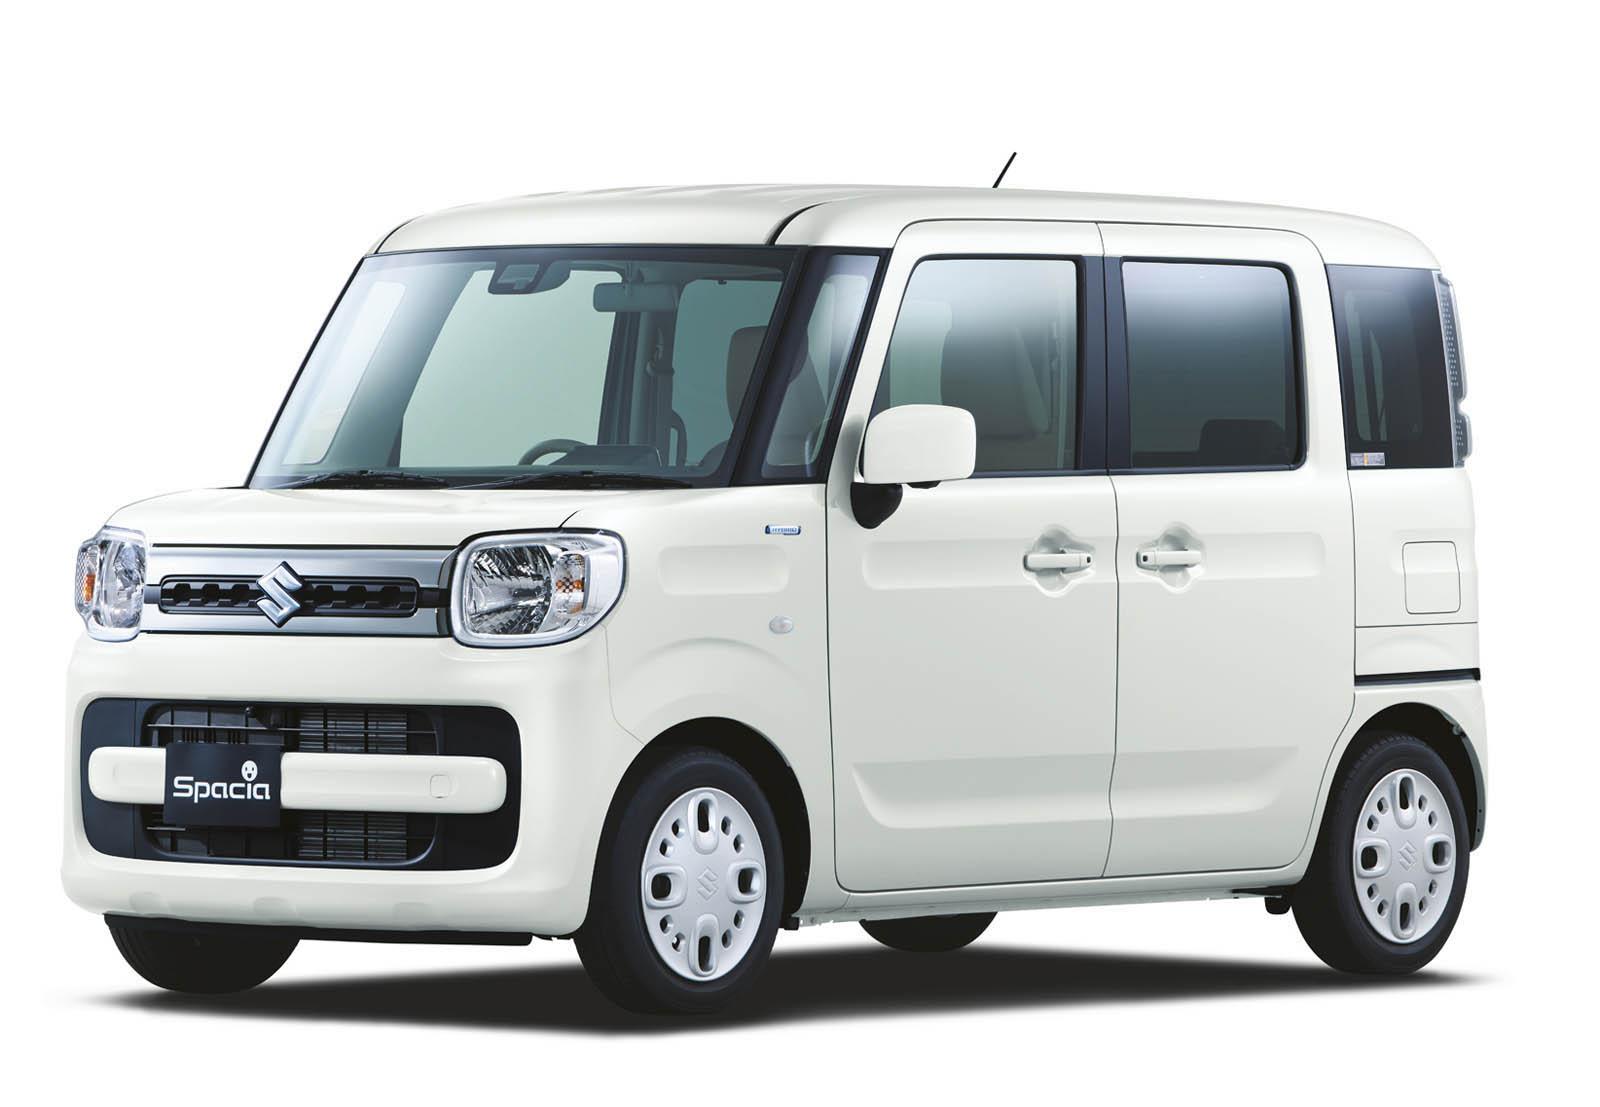 Suzuki Spacia 2018 (10)